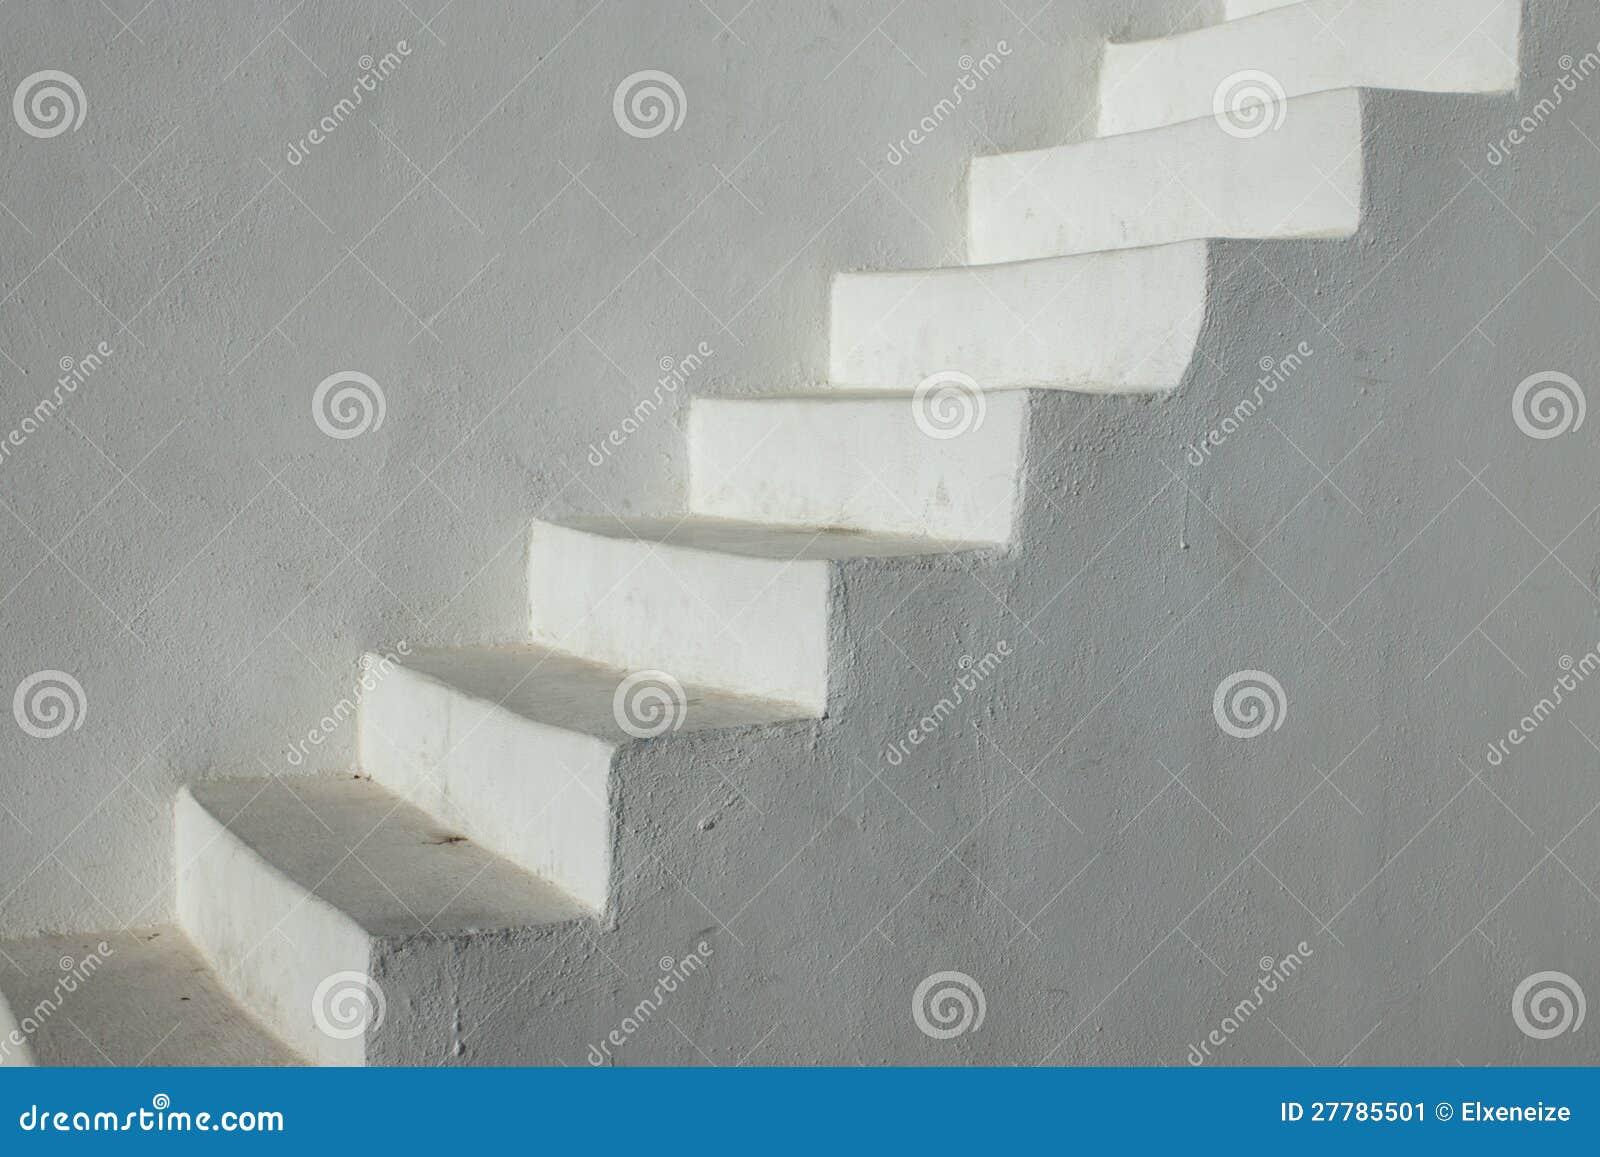 Escaleras blancas imagen de archivo imagen 27785501 - Escaleras blancas ...